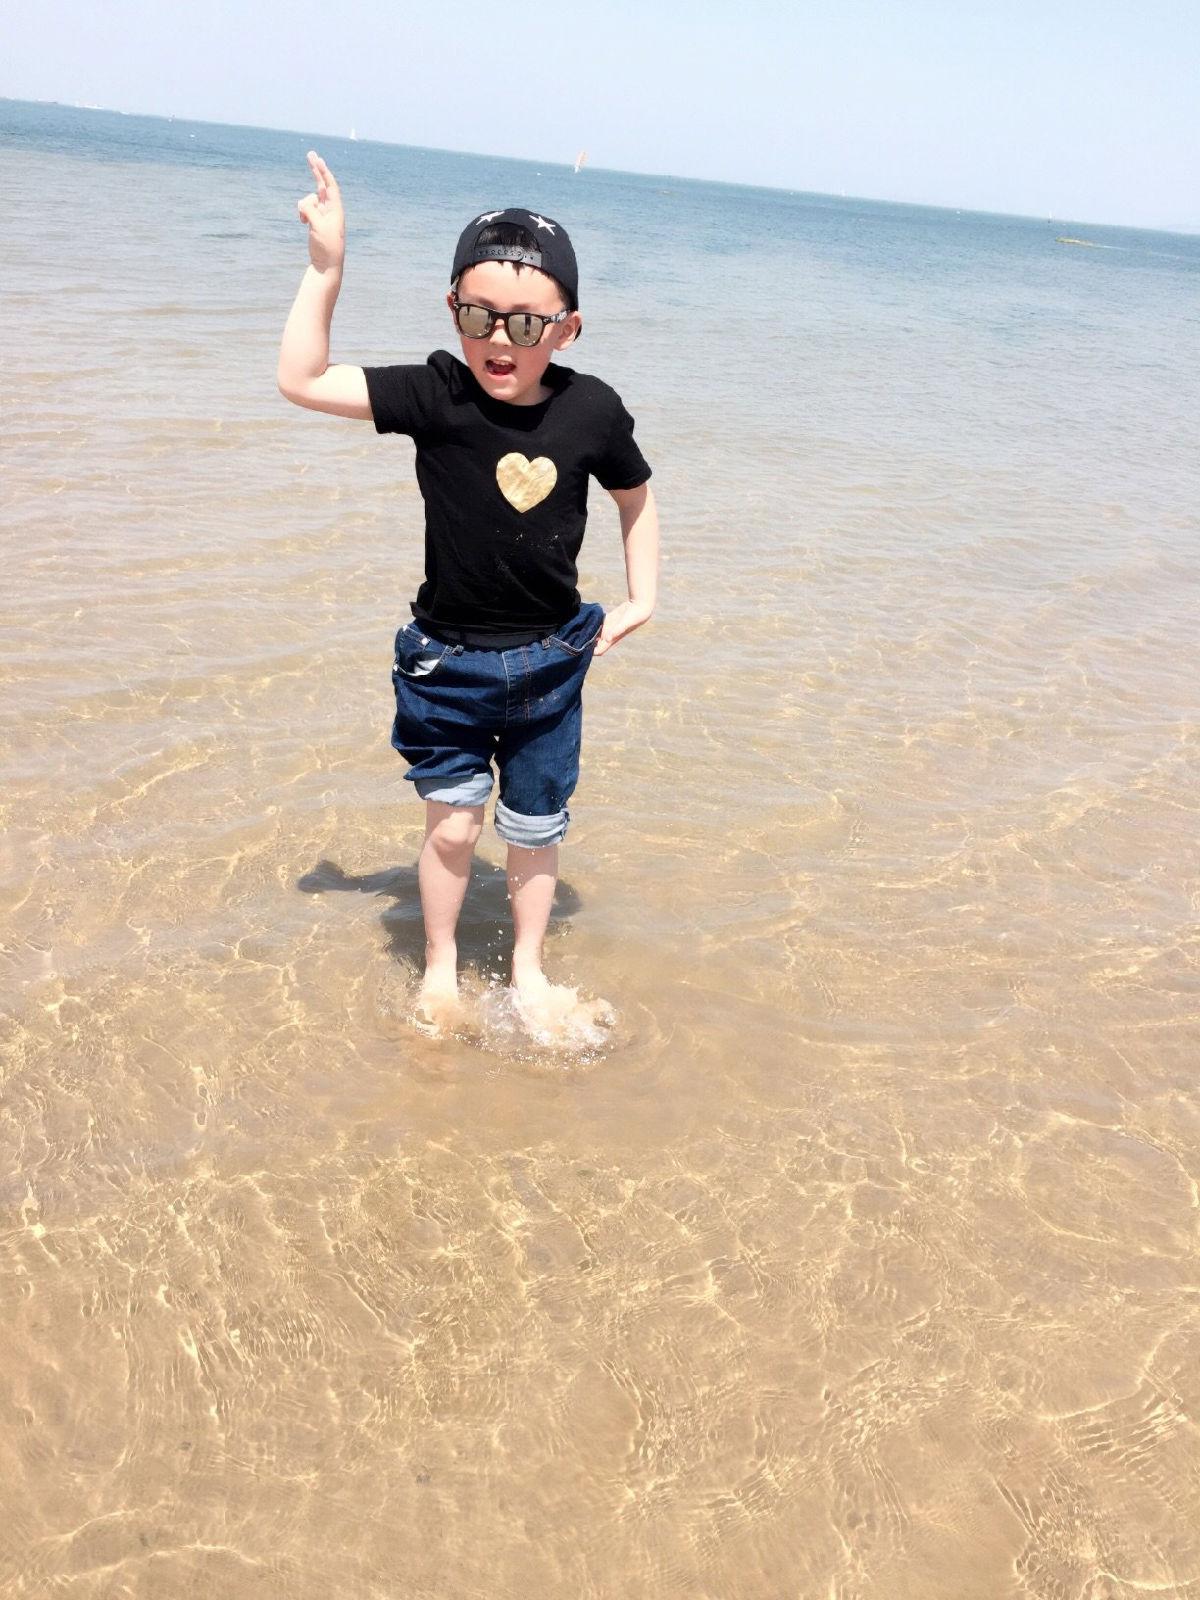 蓬莱长岛带娃四日游|海鸥/海滩/日落